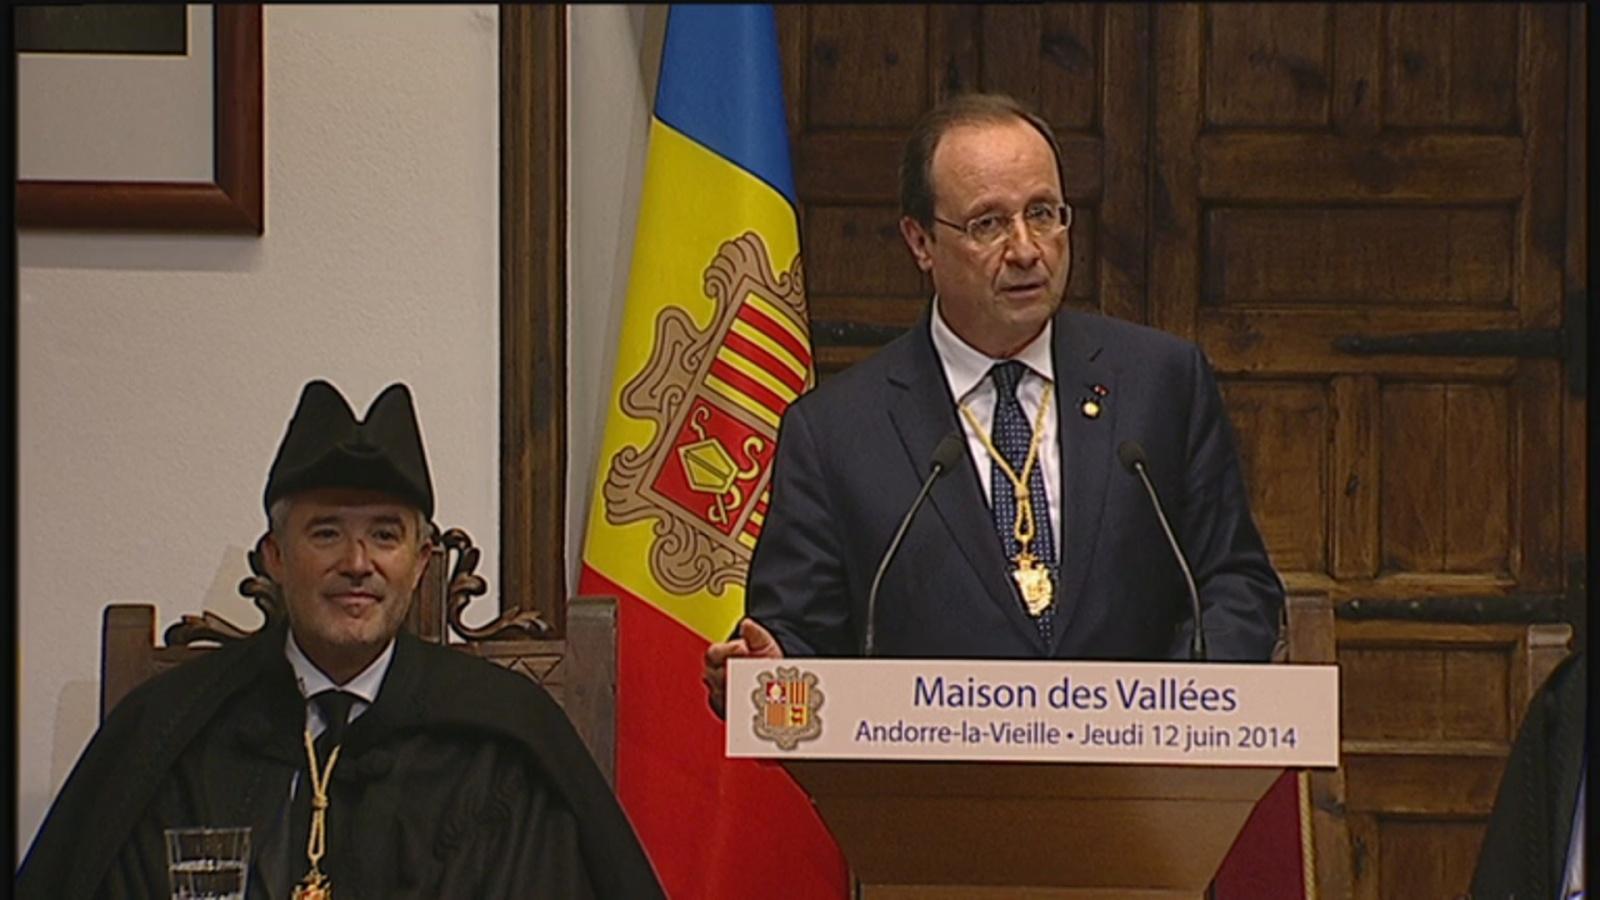 El discurs més polític del Copríncep francès a la Casa de la Vall